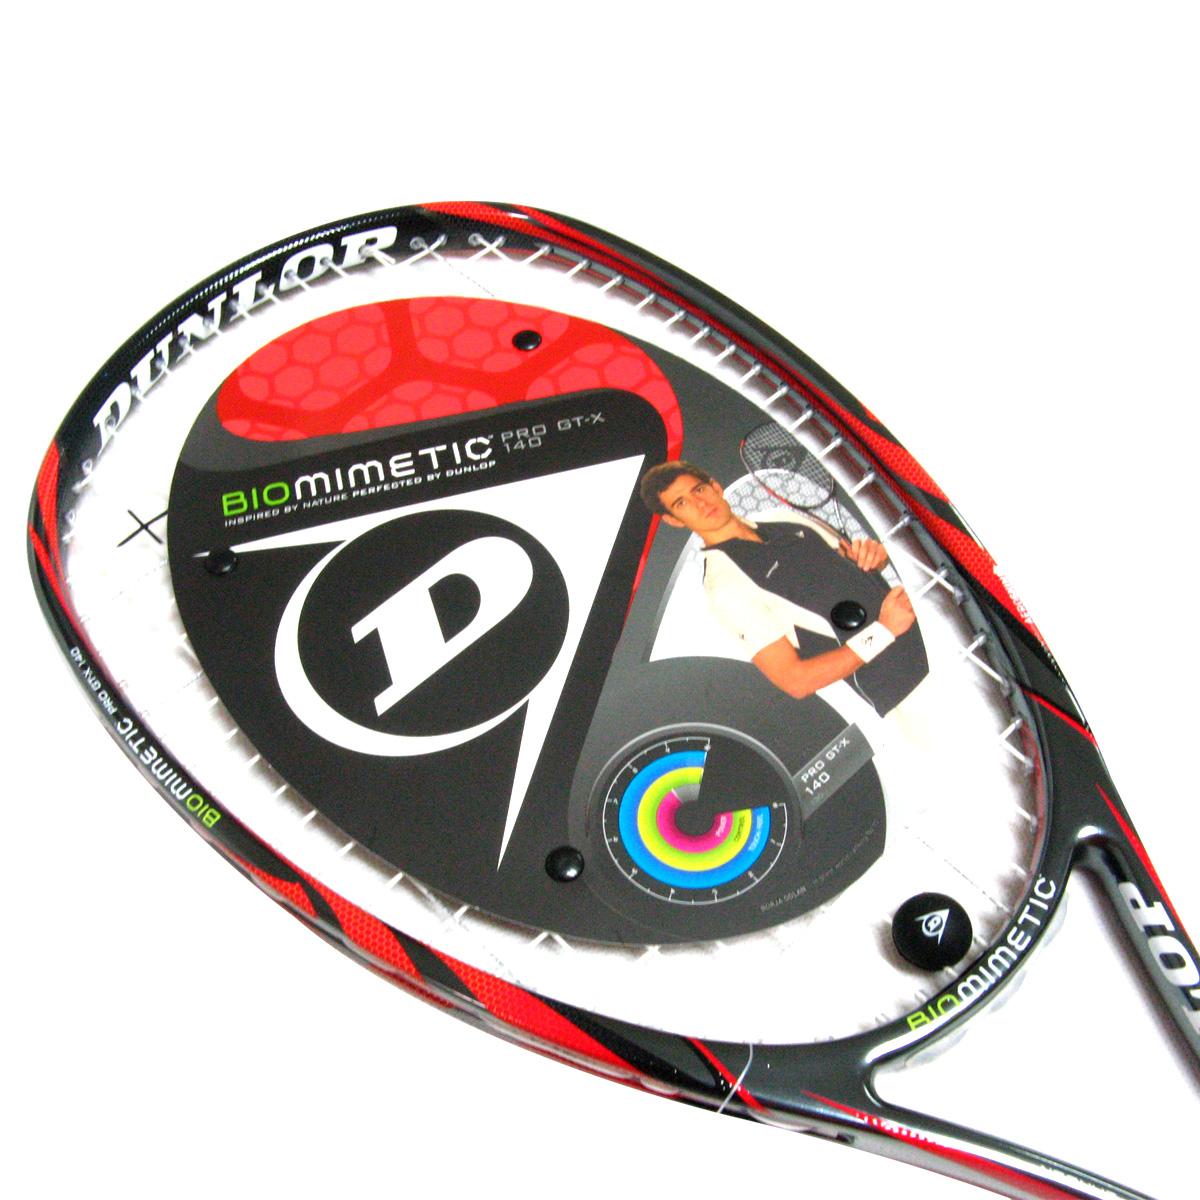 ракетка для игры в сквош Dunlop 32454 SR BIOMIMETICI 773005